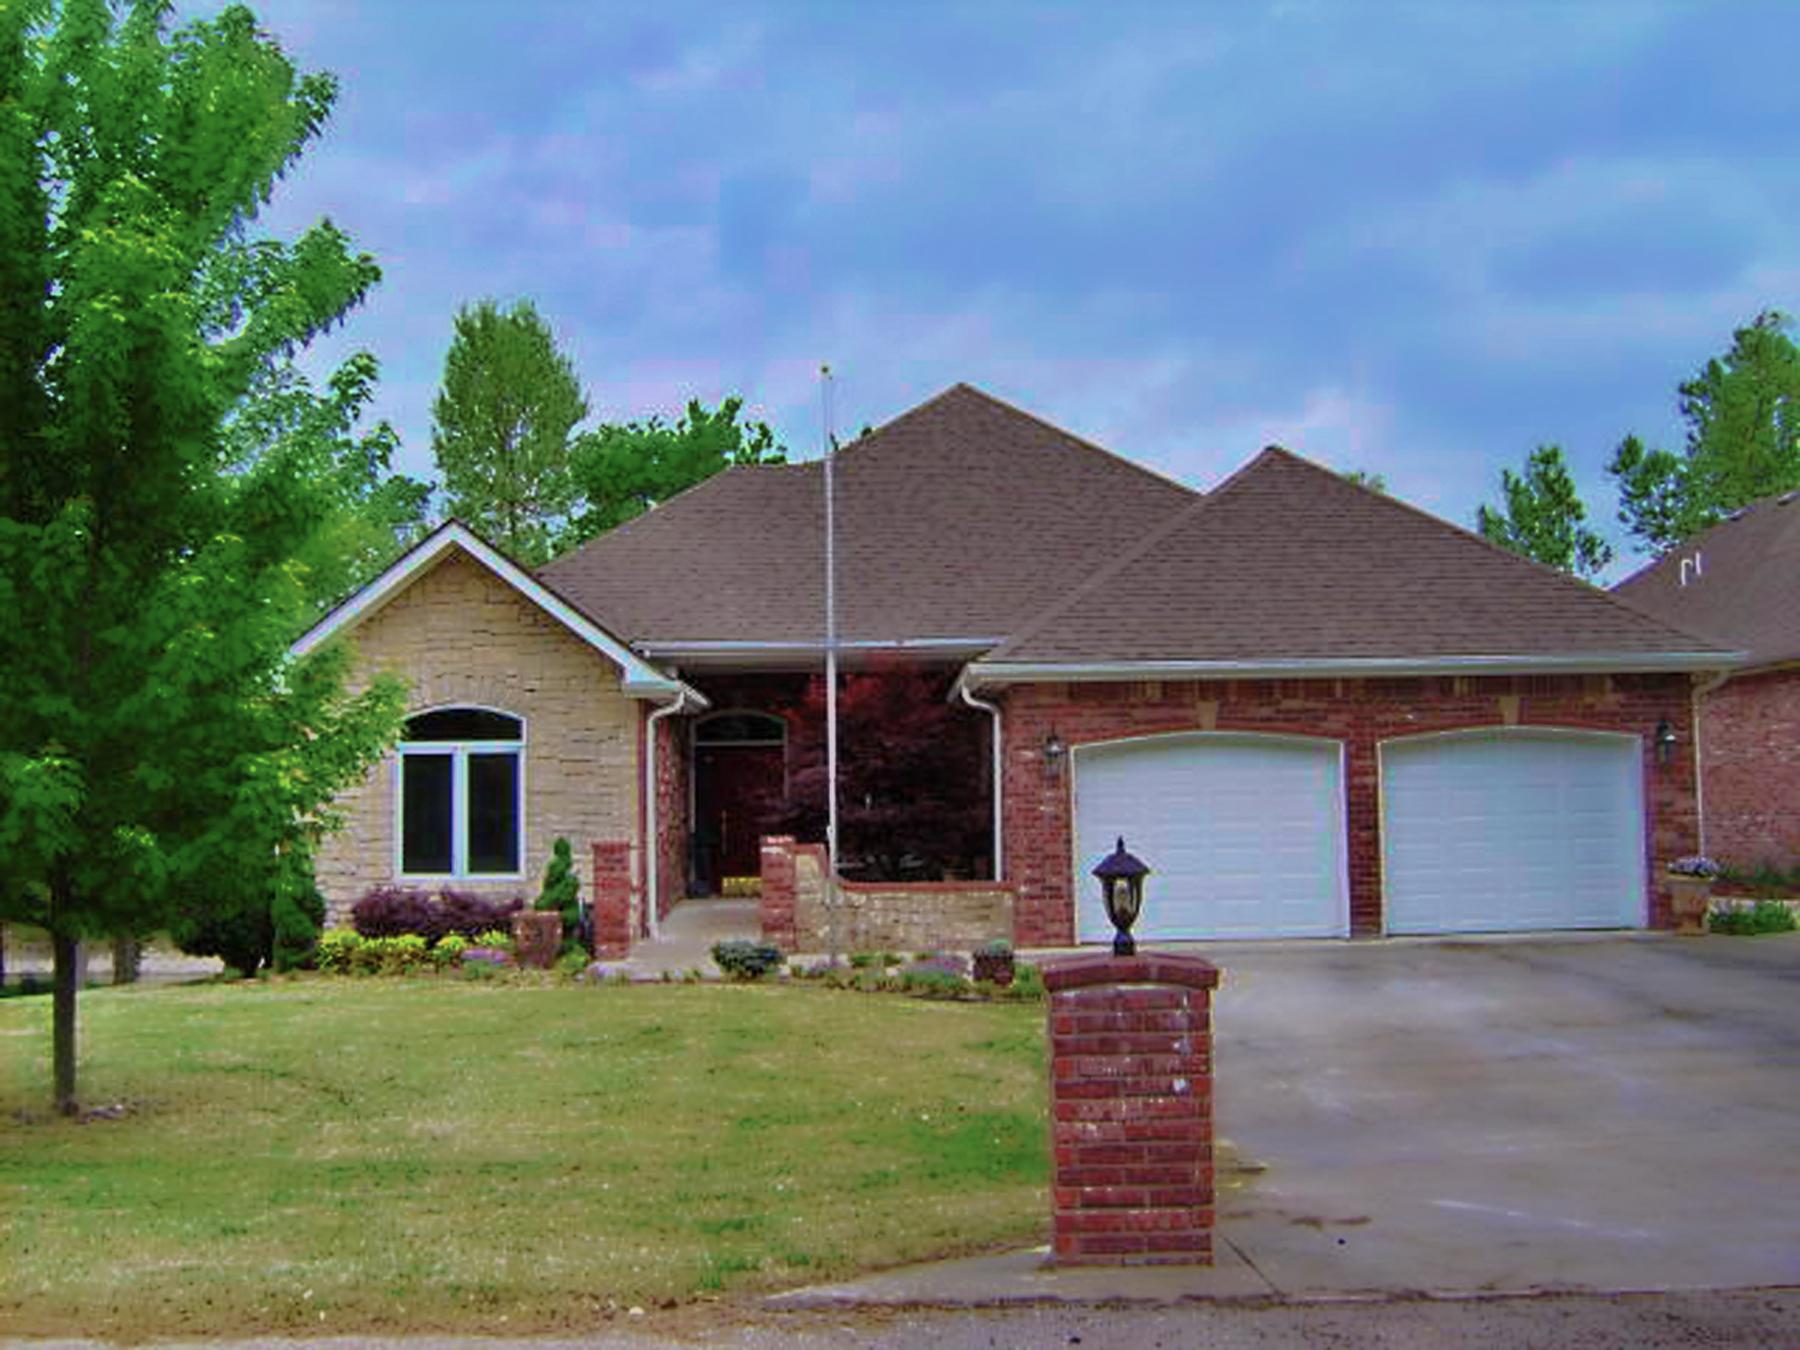 58523 E 295 Rd, Grove, Oklahoma 74344